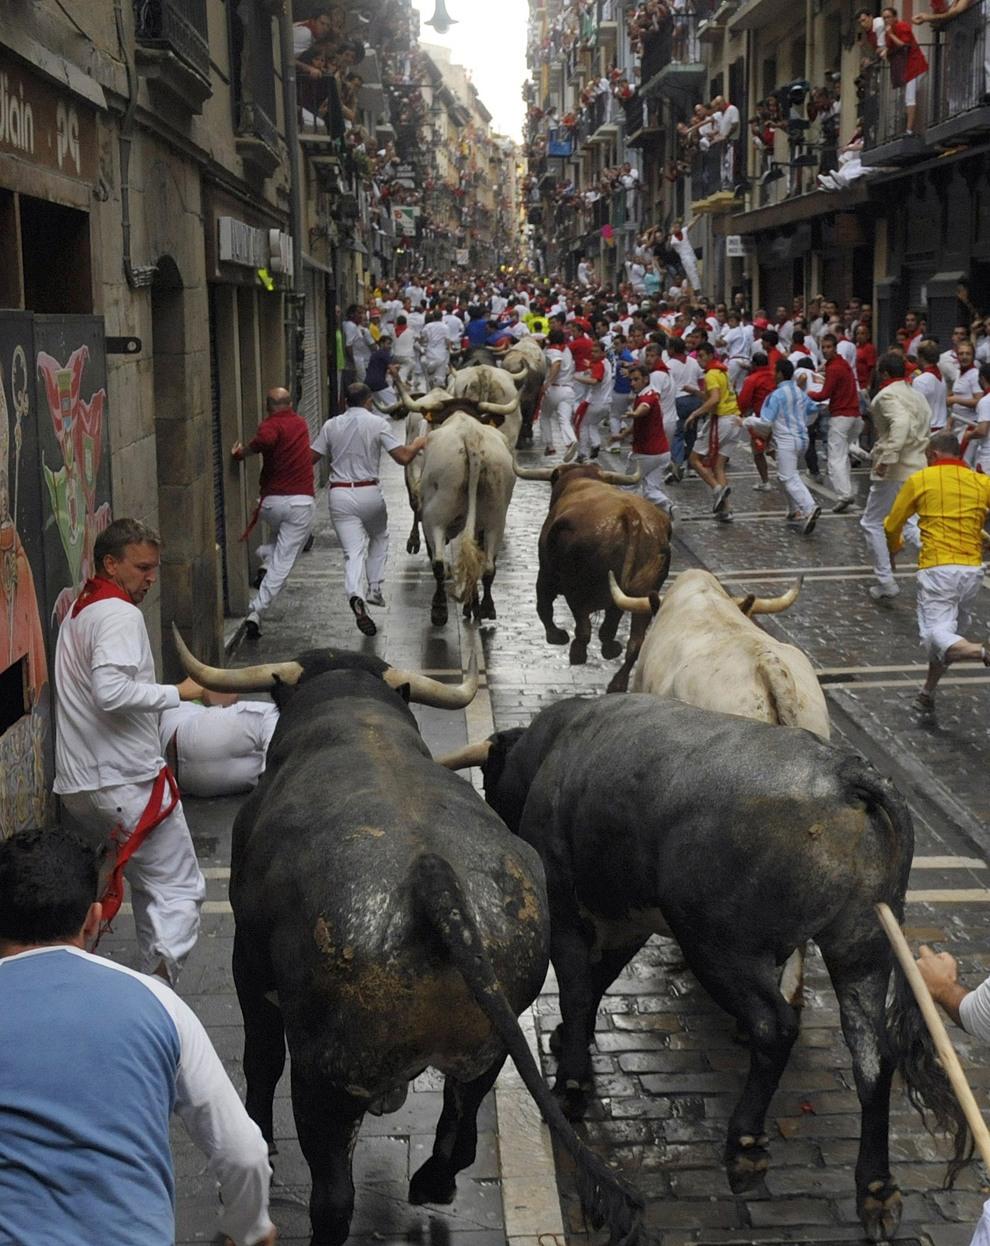 San Fermín, «Бега с быками». Проходит в Памплоне, Испания. Самый опасный фестиваль мира, в котором может принять участие любой желающий Бро. Во время этого торжества на улицы выпускают диких быков. Обезумевшие животные несутся по городу, давя и разрушая все на своем пути. Смельчаки Бро выскакивают перед разъяренными животными, а потом пытаются убежать от них, что удается далеко не каждому... травмы от рогов и копыт вполне могут оказаться последними в жизни.